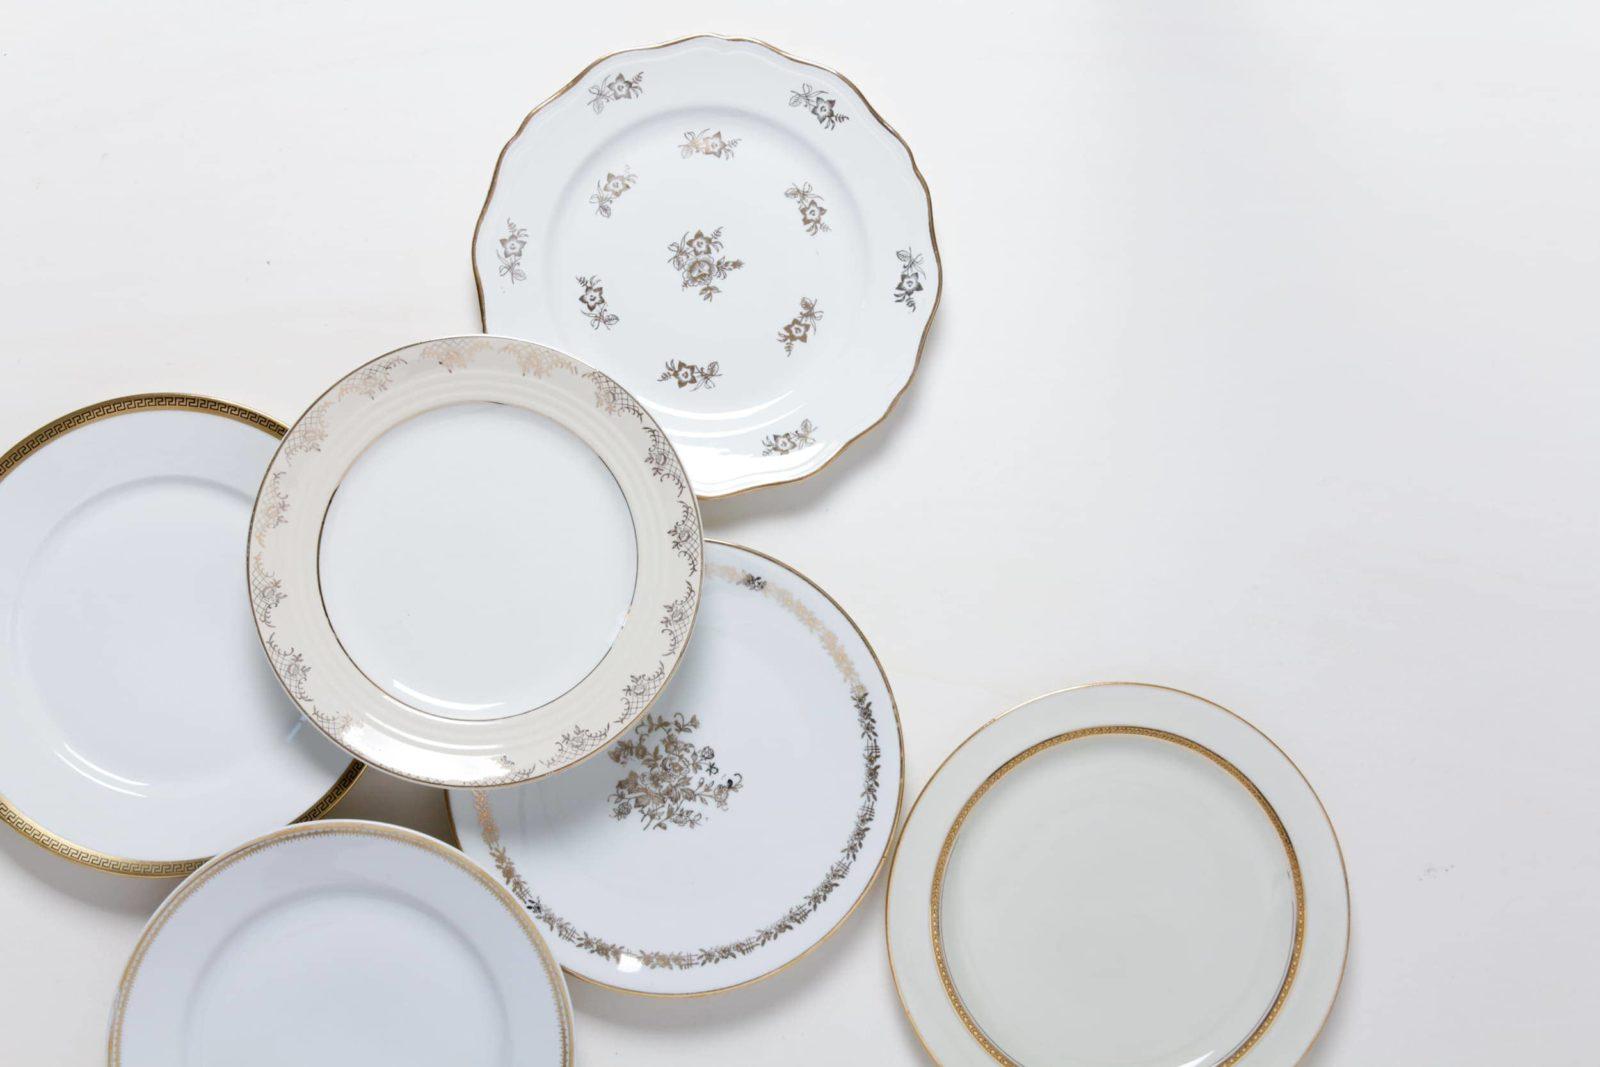 Teller mit floralen Muster und Goldrand | gotvintage Rental & Design